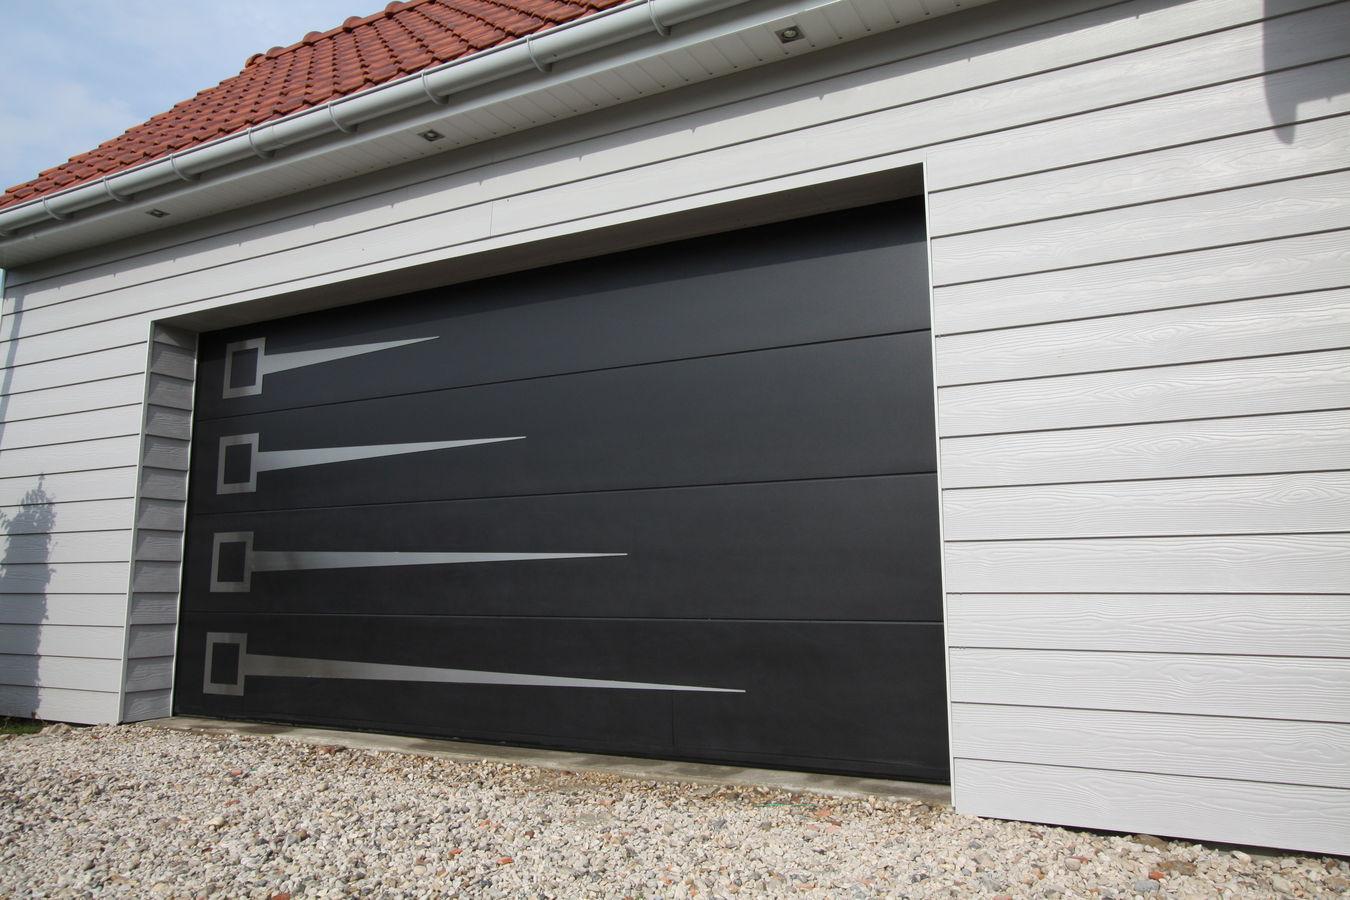 Porte de garage basculante en aluminium isolation id es - Isolation porte de garage basculante ...